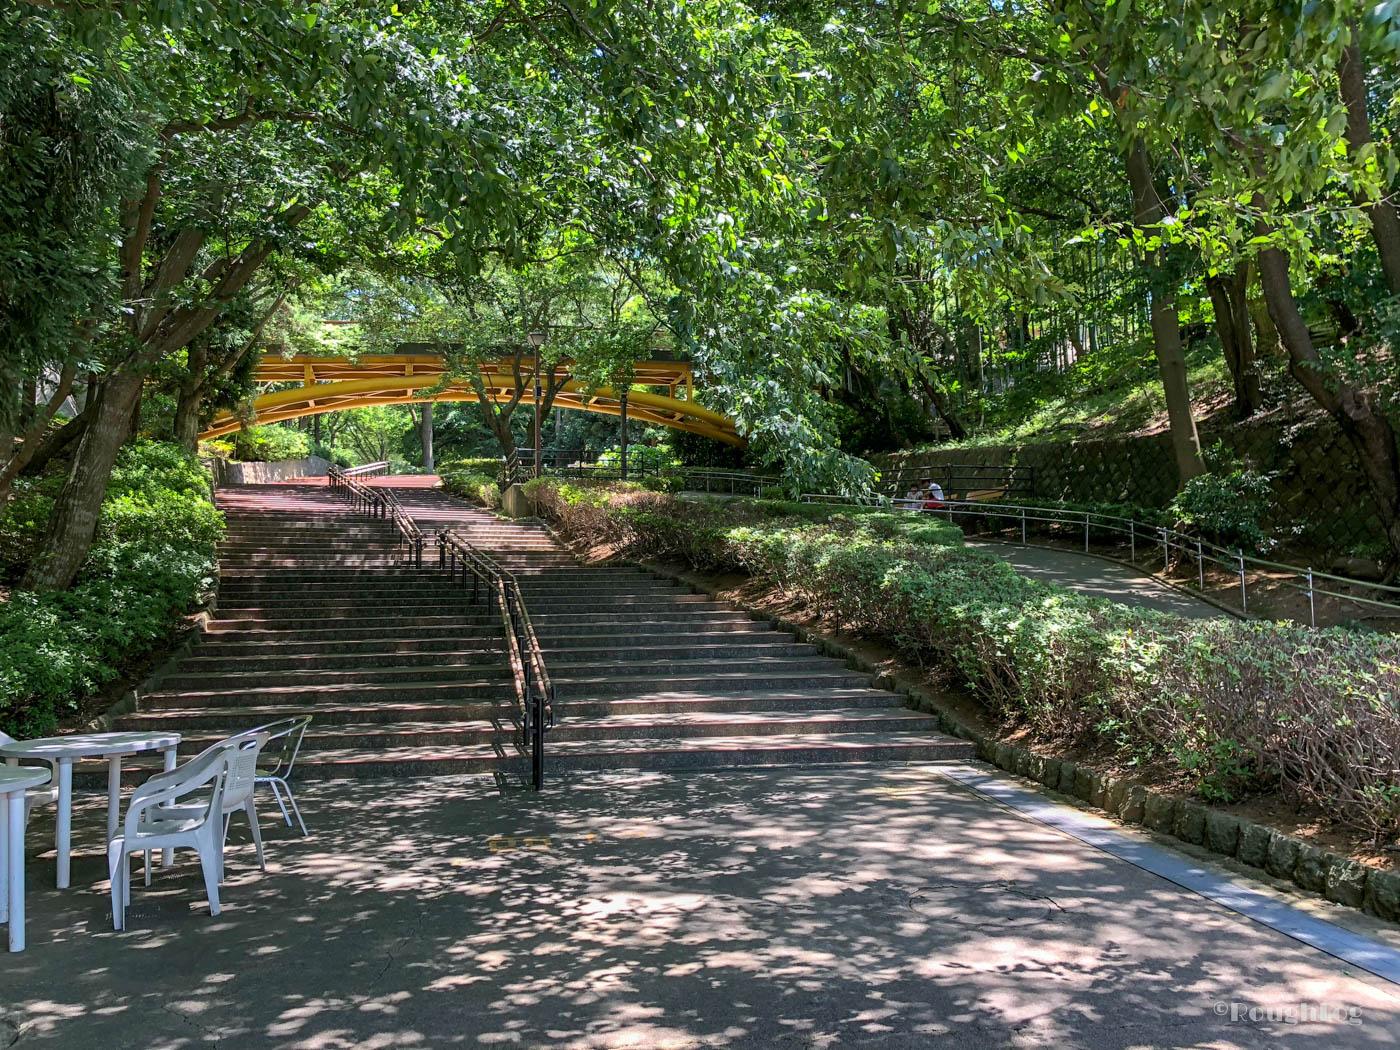 千葉市動物公園の西口ゲートより入園すると木々が並んでいる坂道